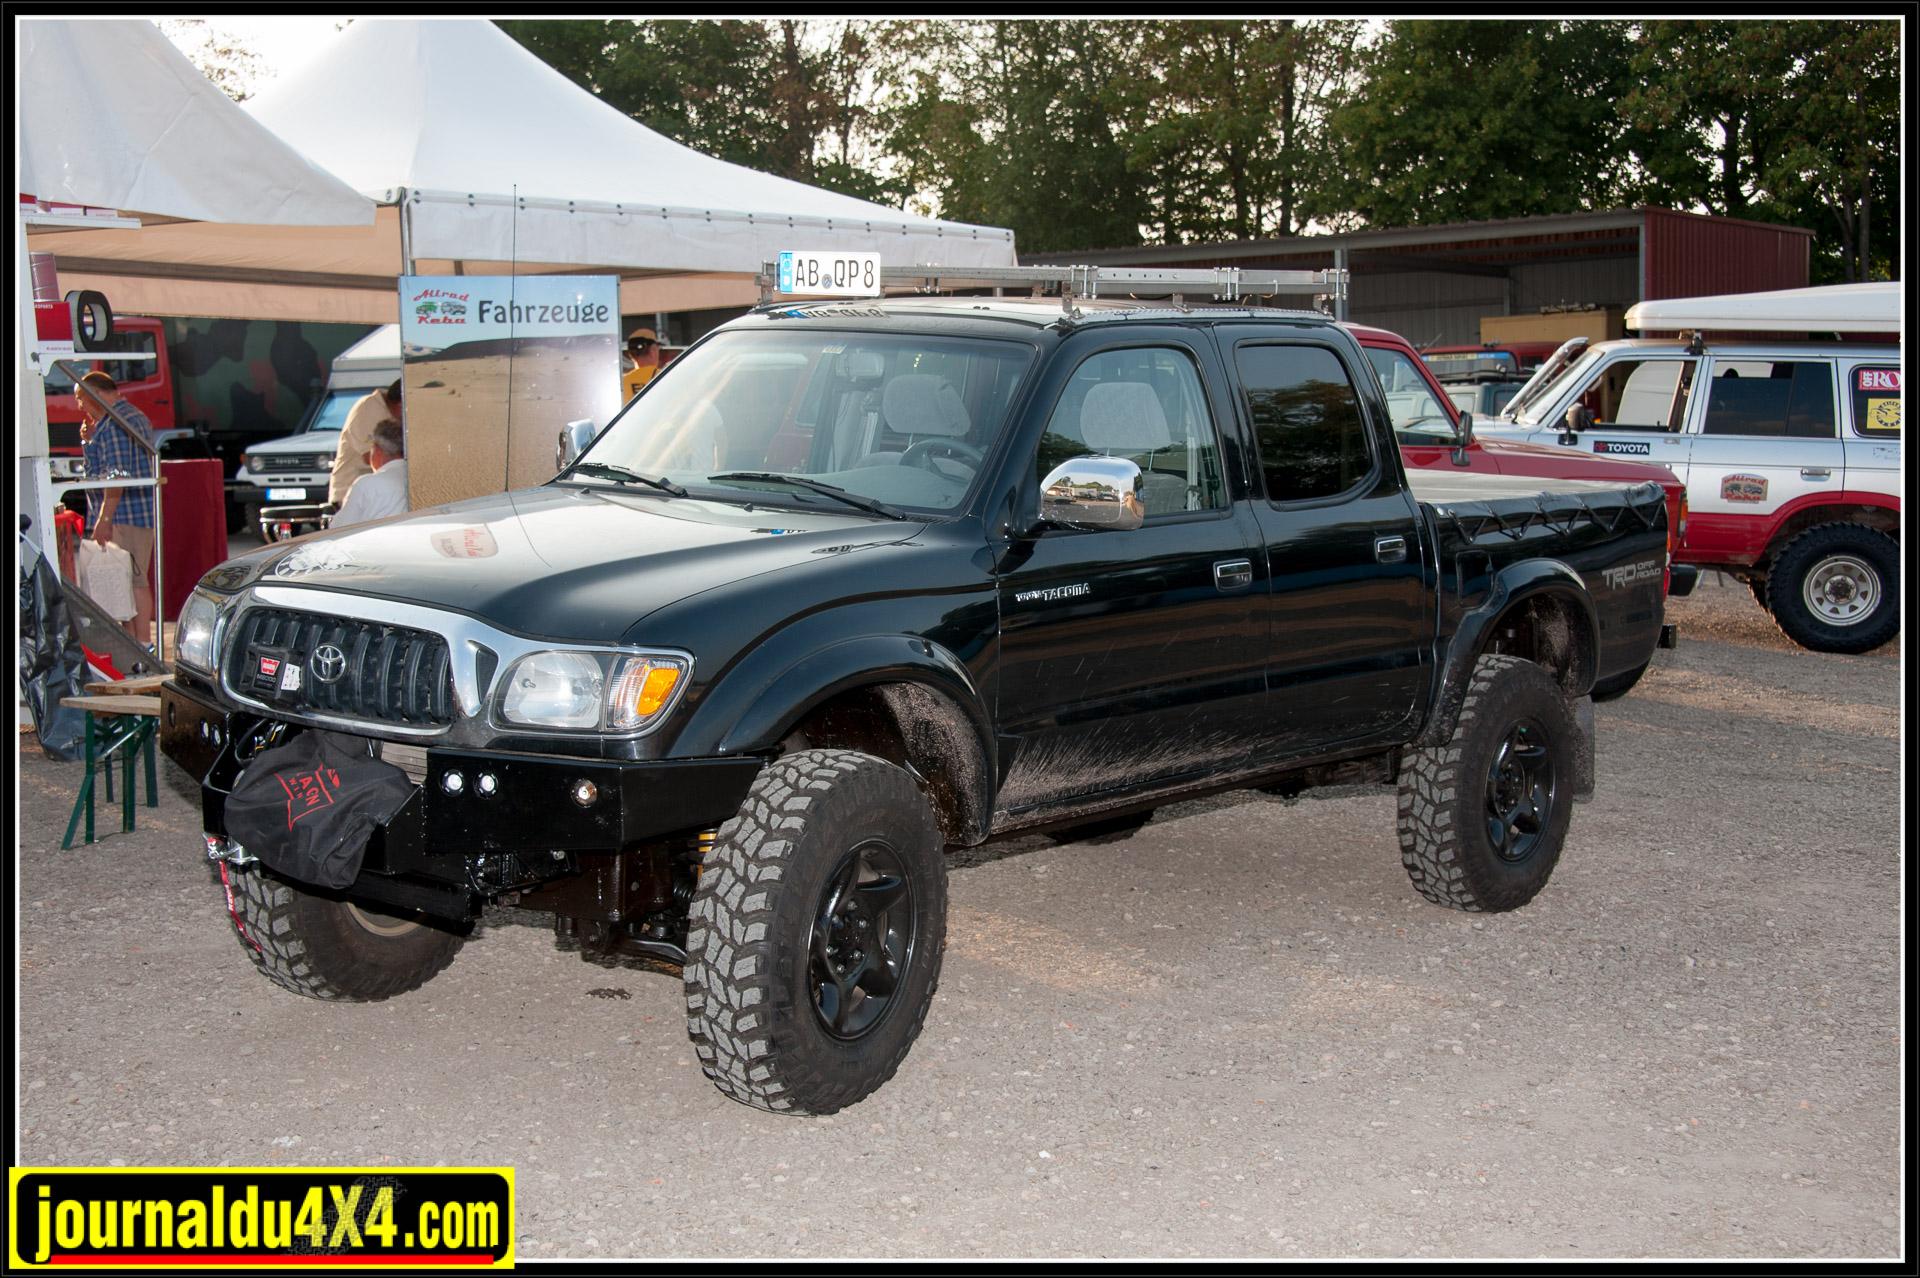 Et ce Toyota Tacoma, pick-up fabriqué aux Etats-Unis depuis 1995.